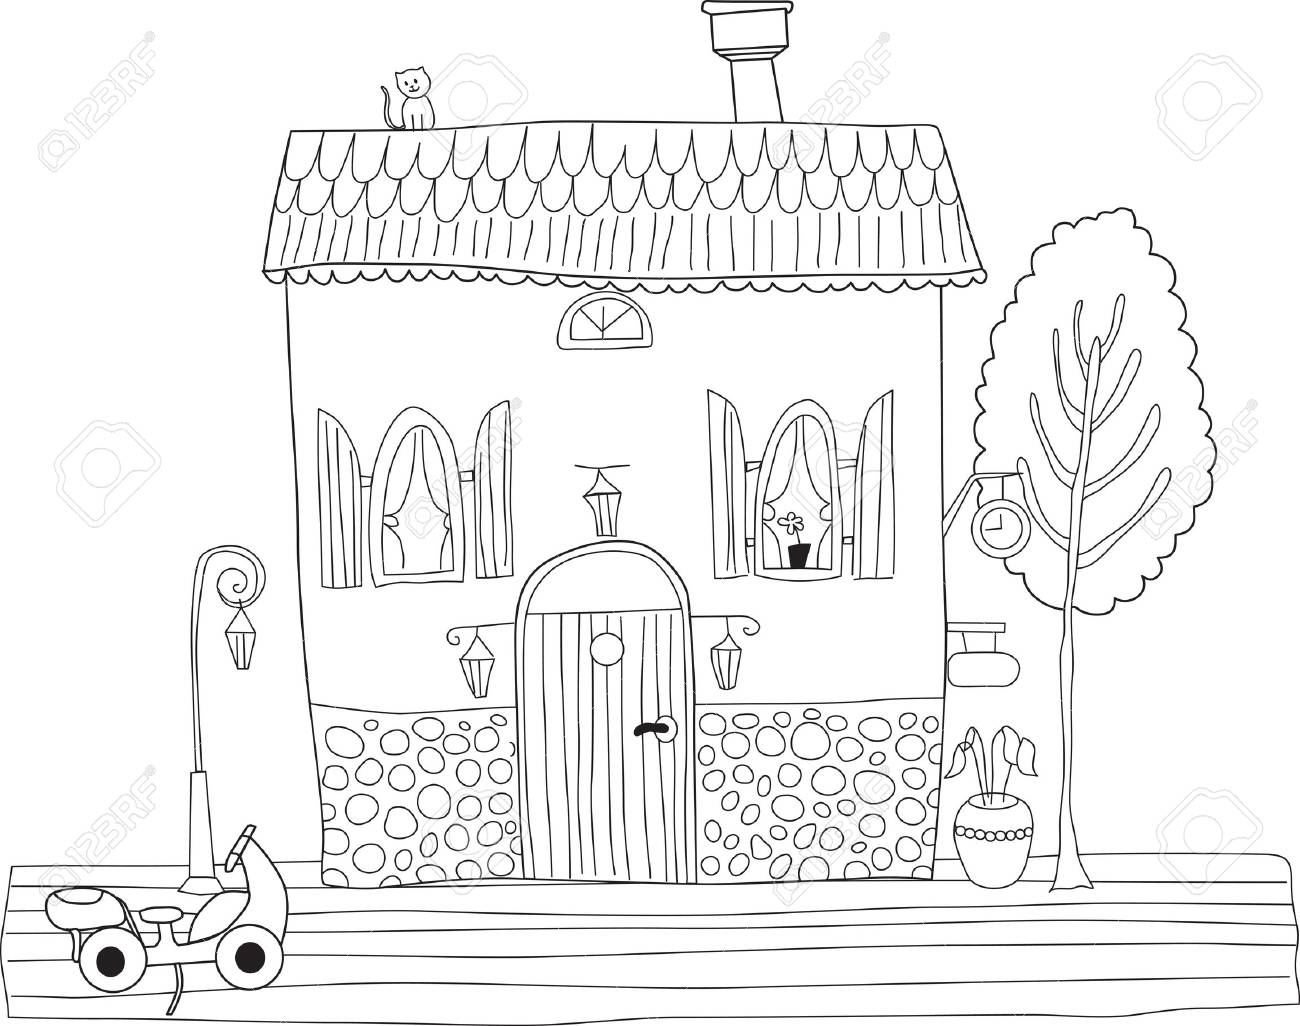 Malvorlagen Erwachsene Haus - Kinder zeichnen und ausmalen